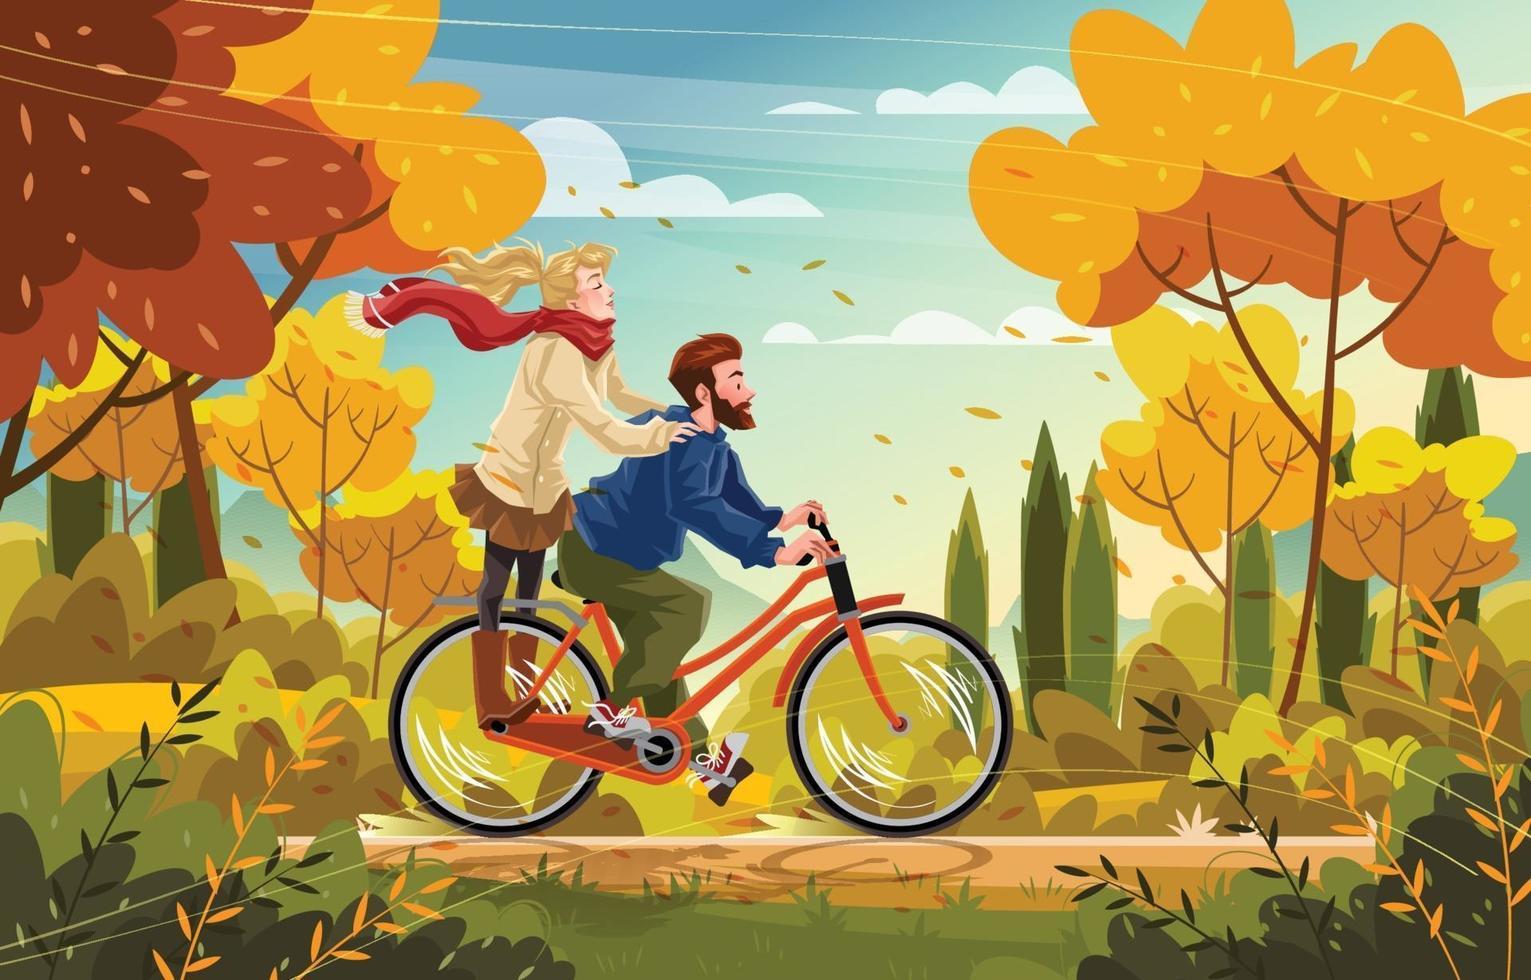 coppia in bicicletta nel parco autunnale concept vettore